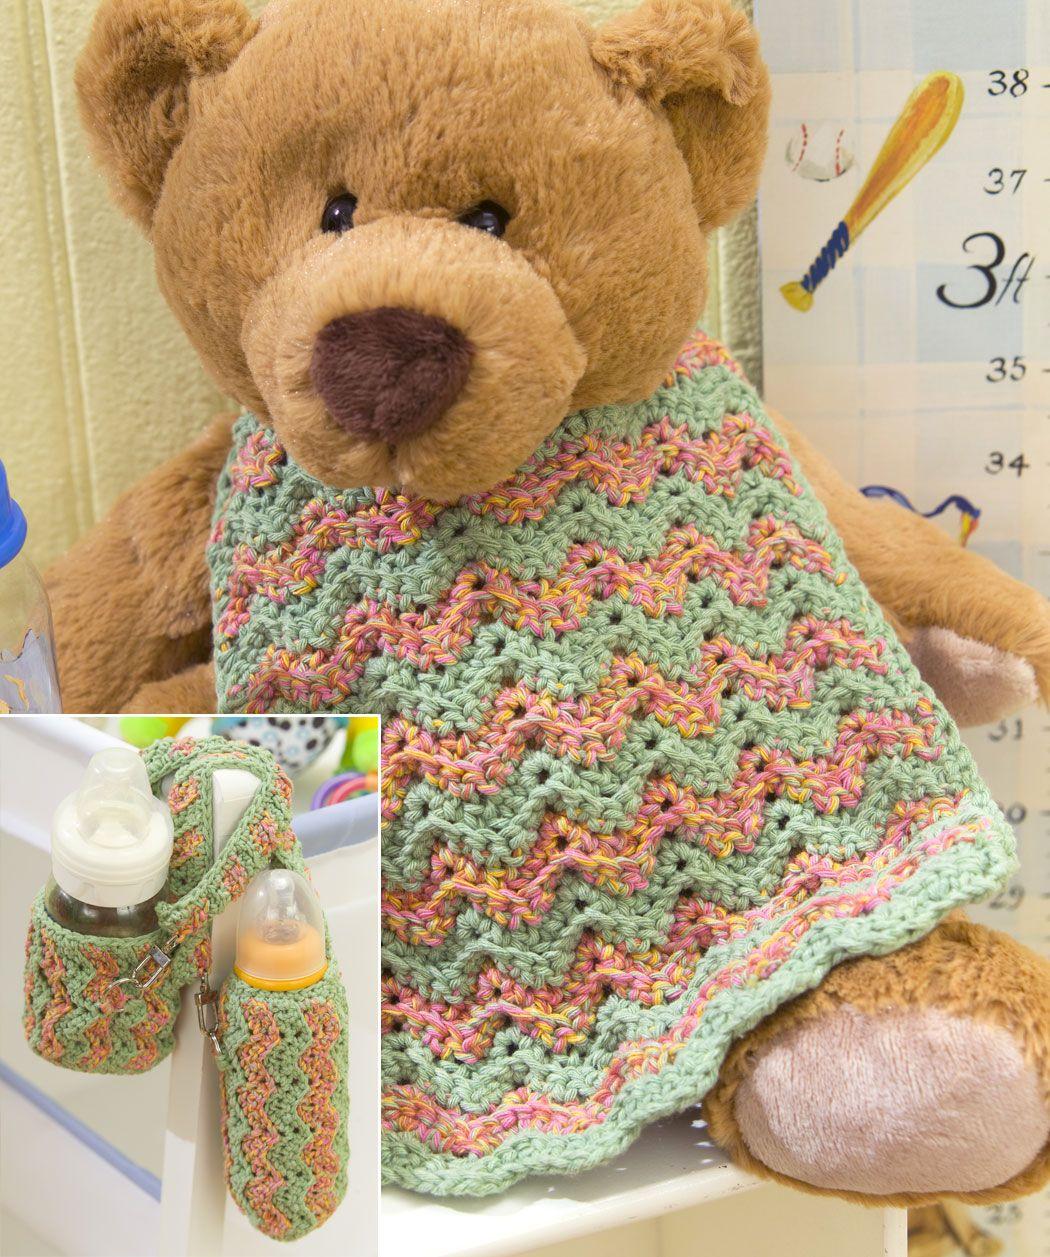 Baby Bottle Cozy & Bib Crochet Pattern. Red Heart Free Pattern - no ...